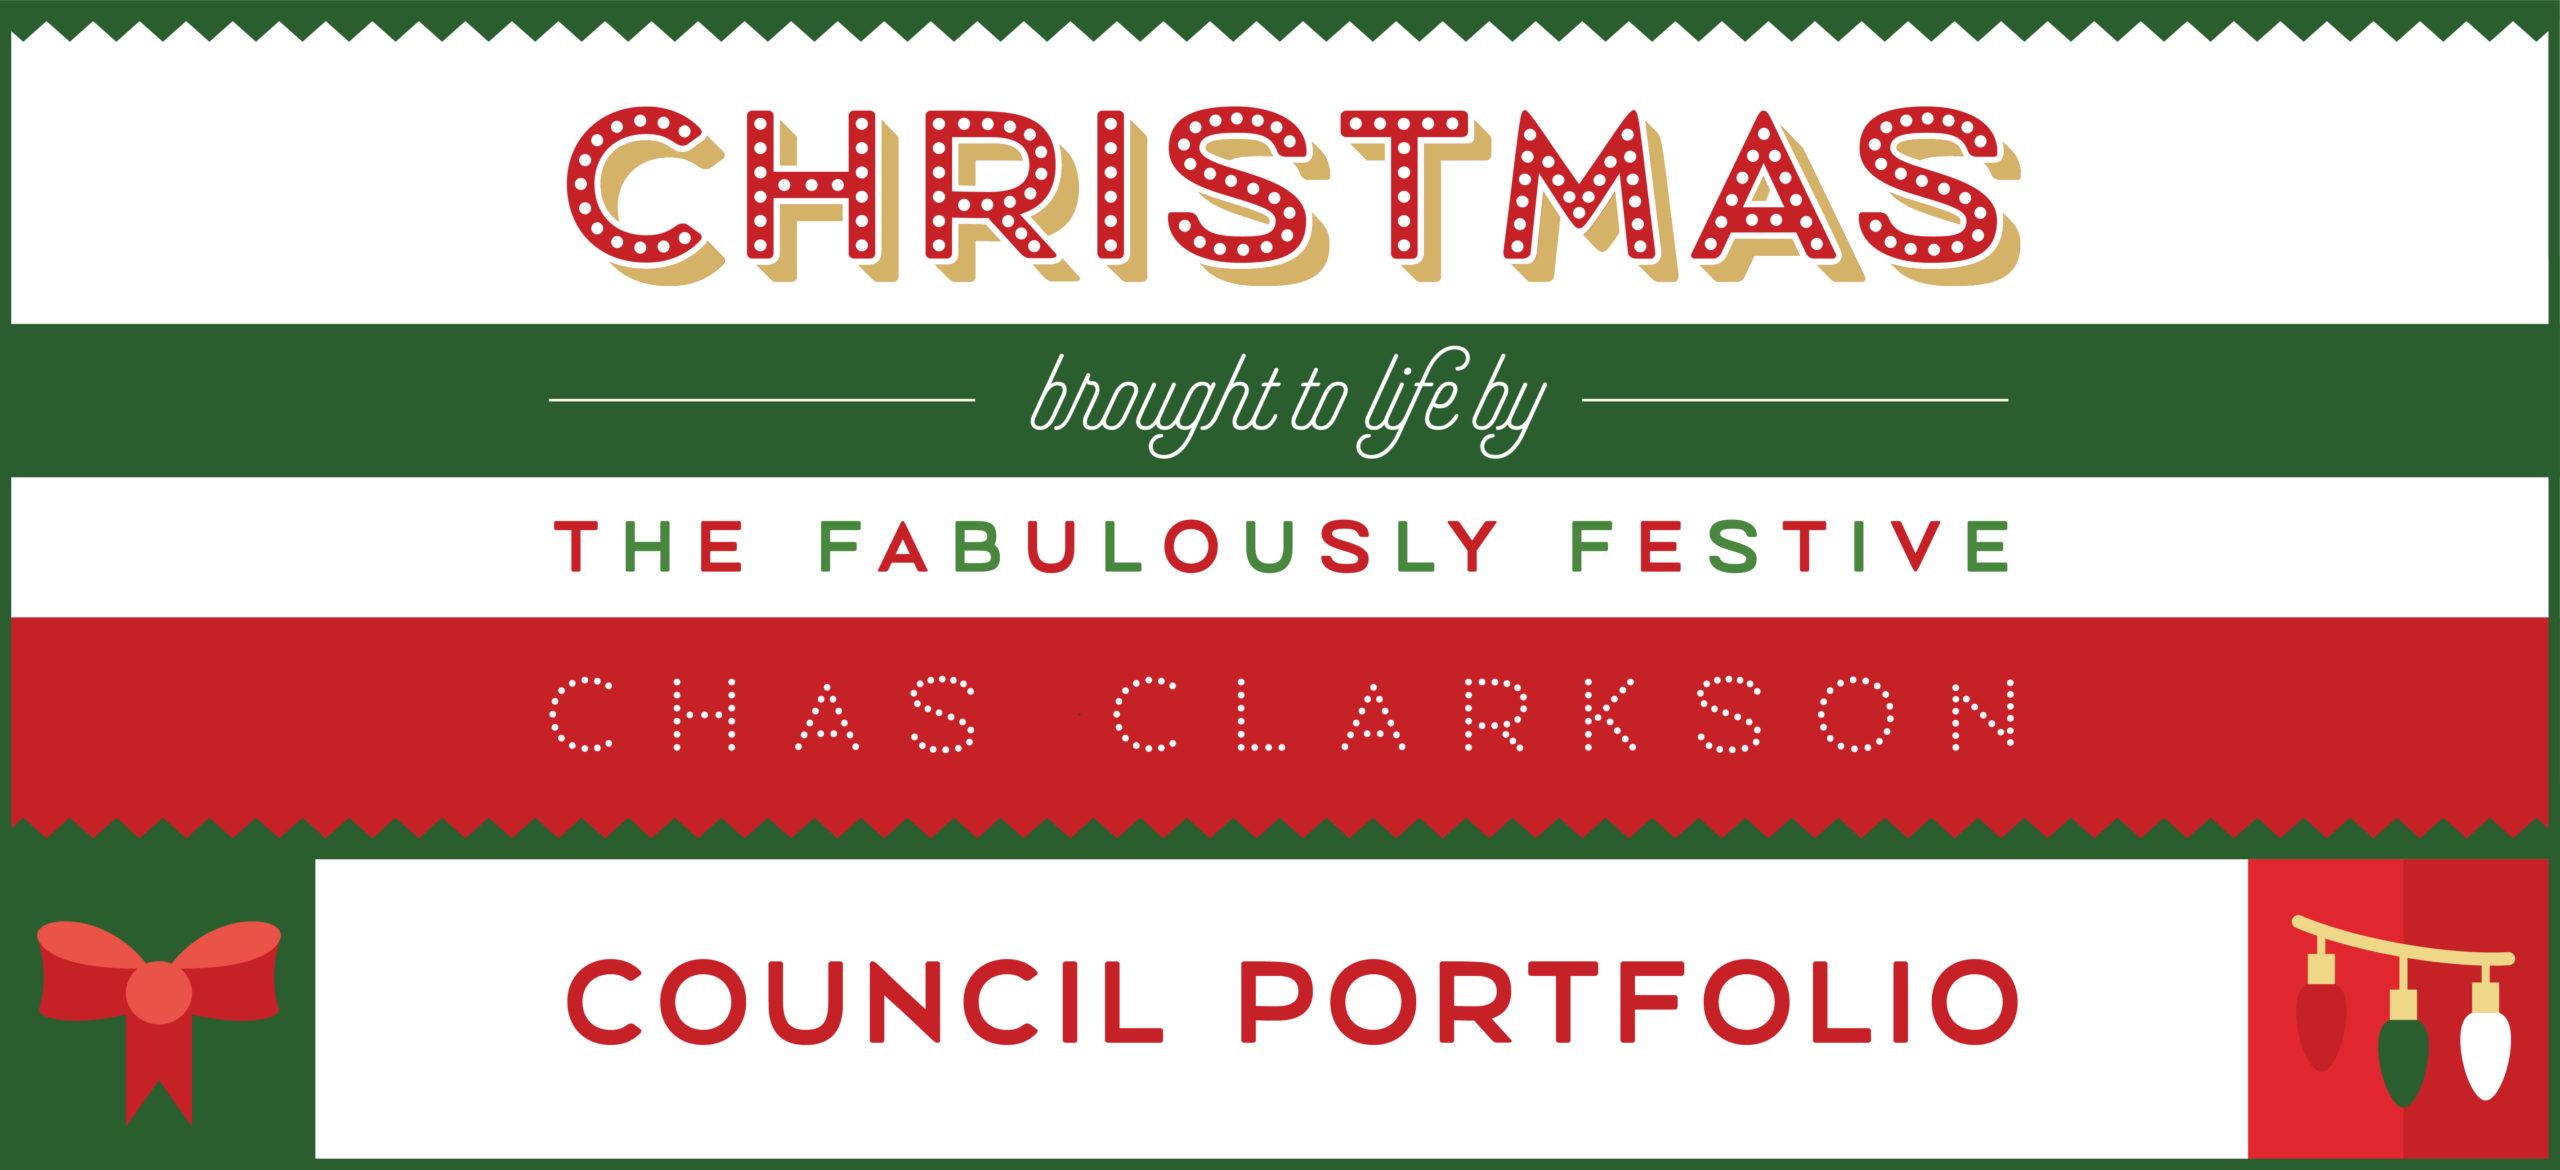 Chas Clarkson Councils & Public Spaces Portfolio 2021